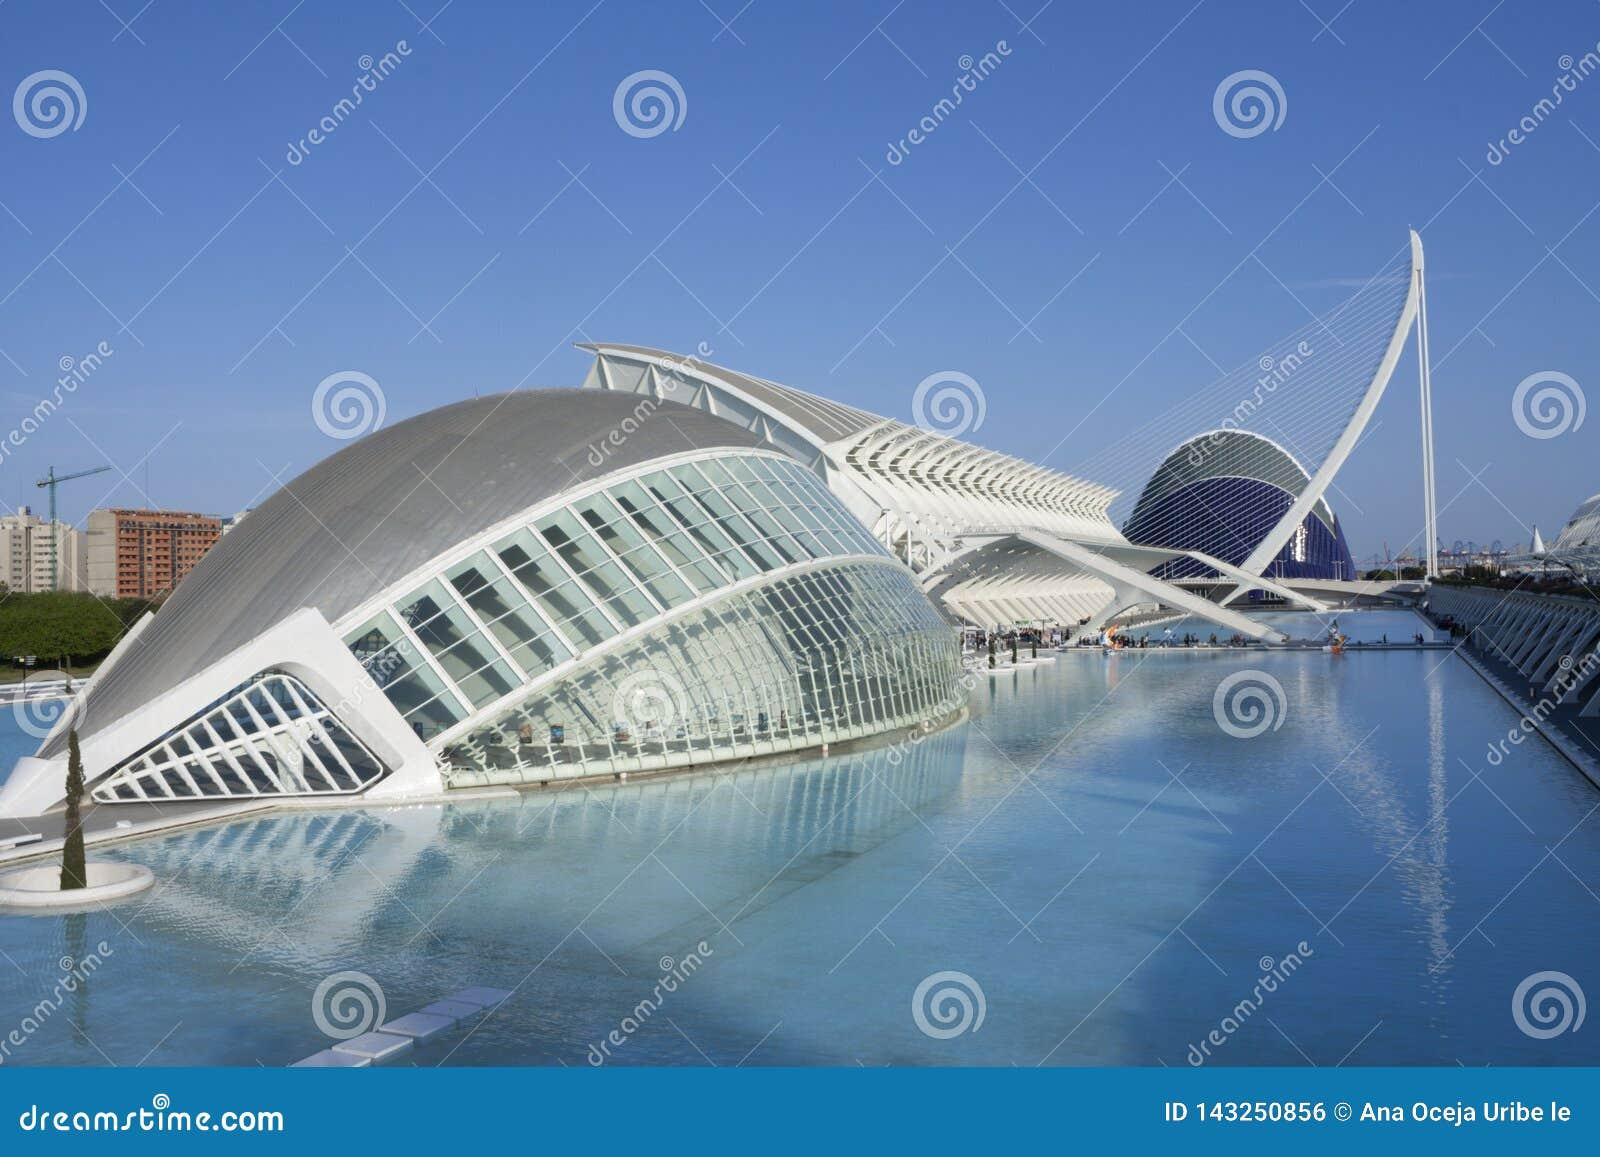 Reflexionen der Stadt auf dem Wasser valencia